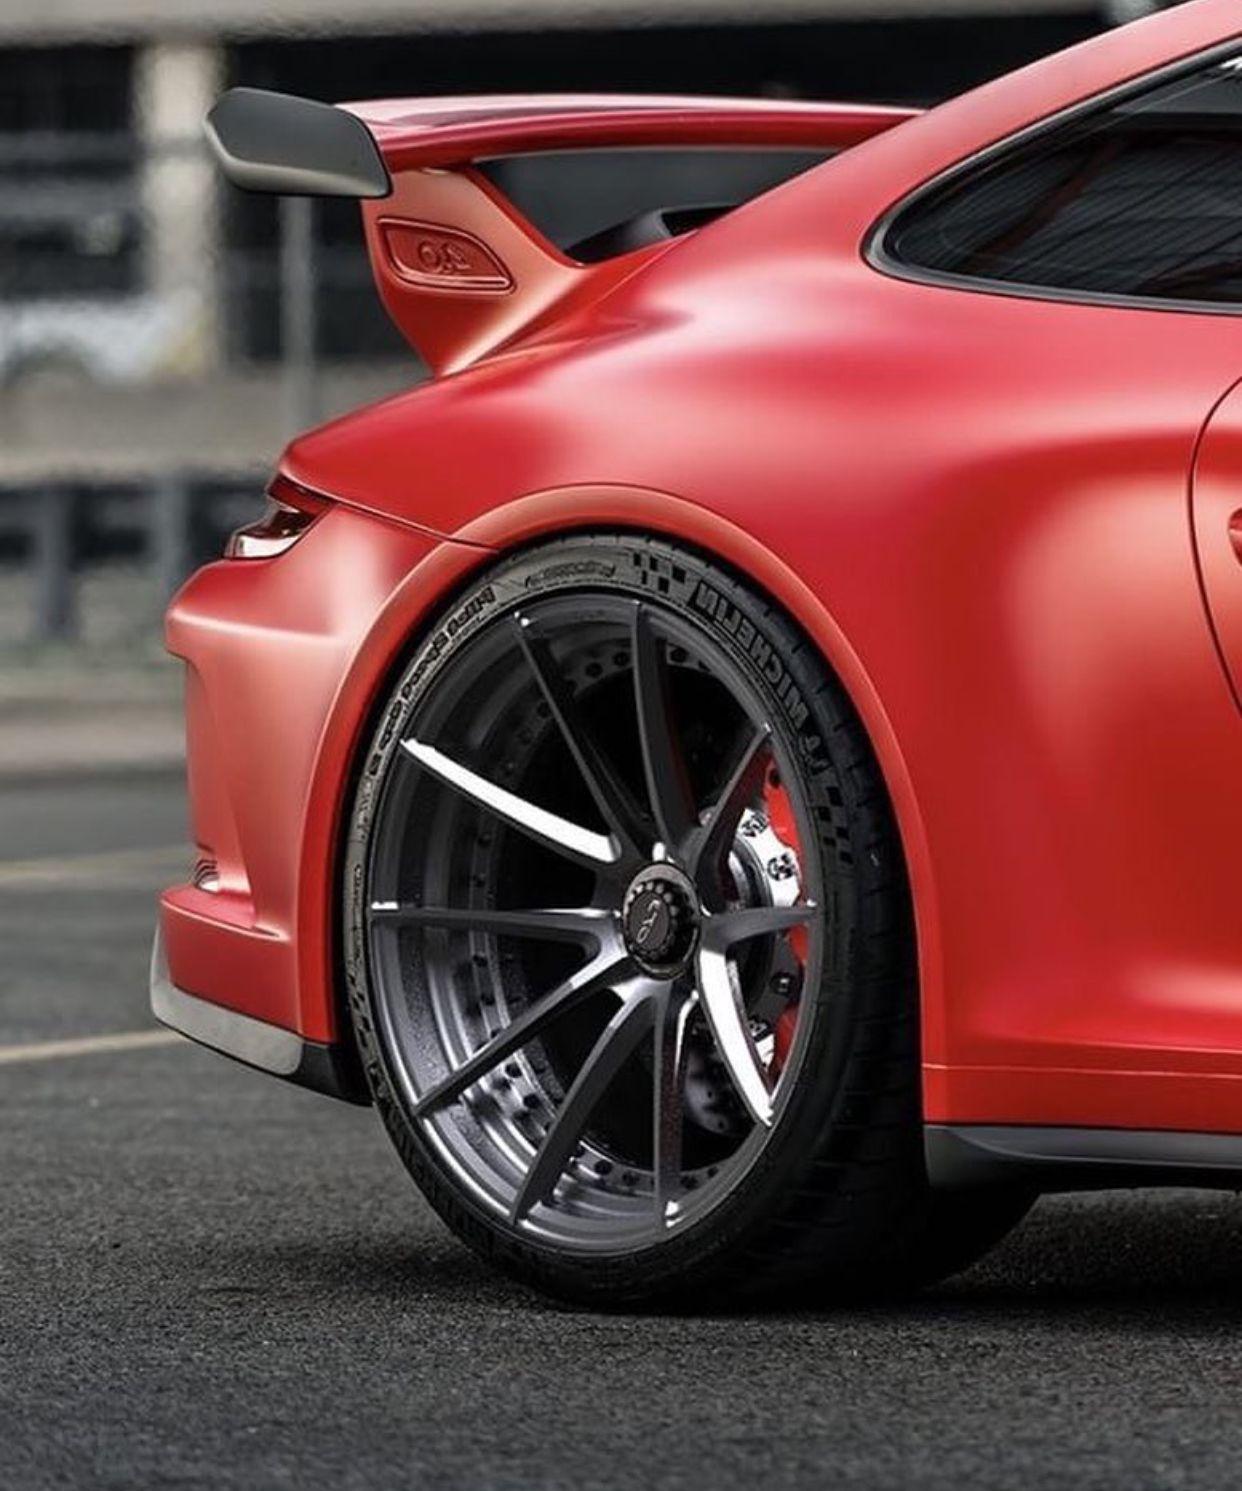 Porsche Gt3, Autos, Porsche